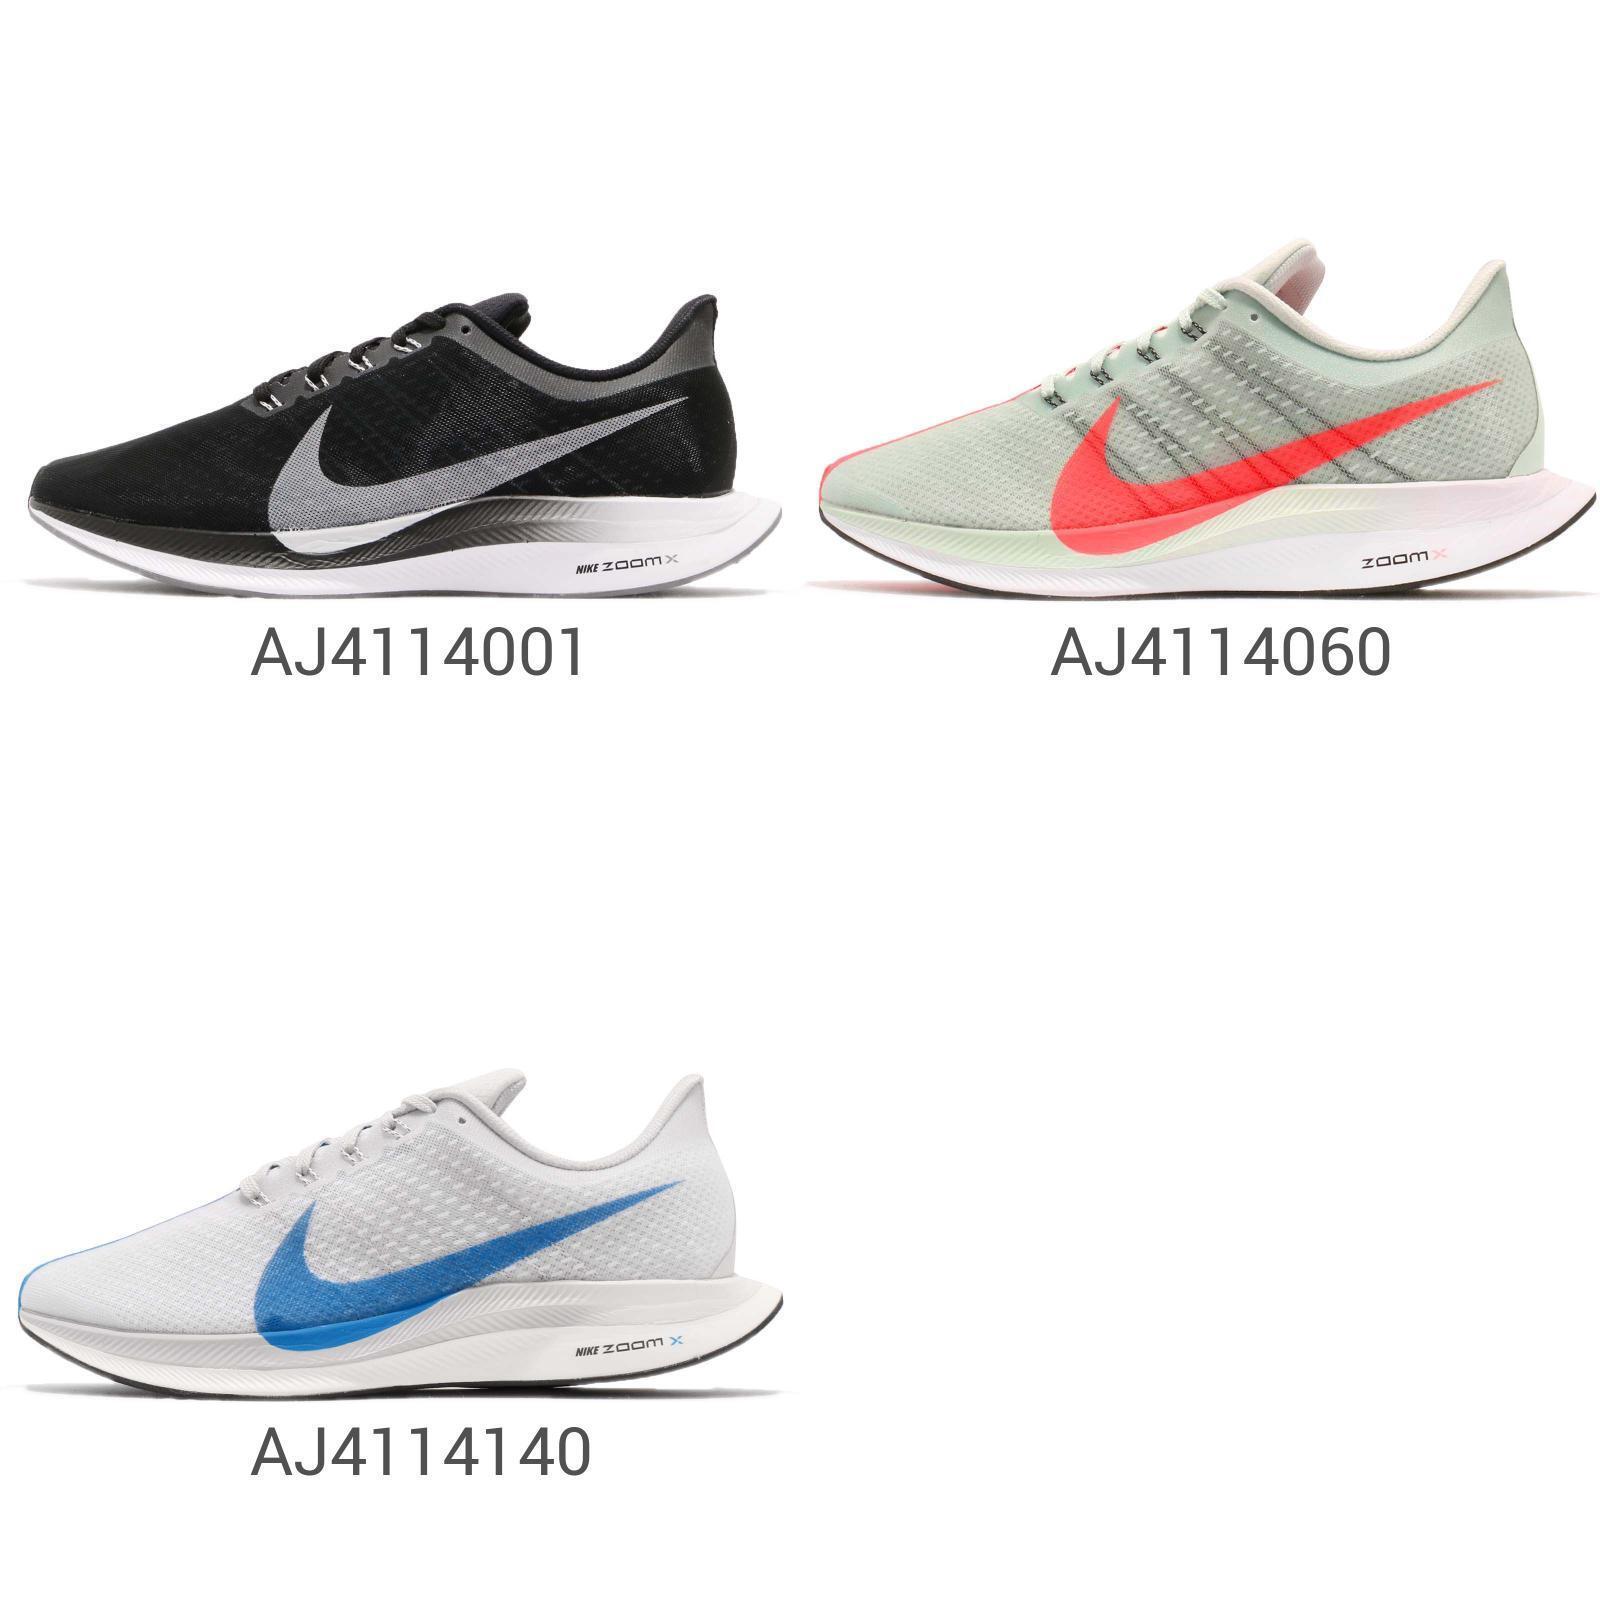 Nike zoom pegasus 35 turbo zoomx uomini scarpe da corsa scarpe formatori scegli uno nero, grigio, bianco